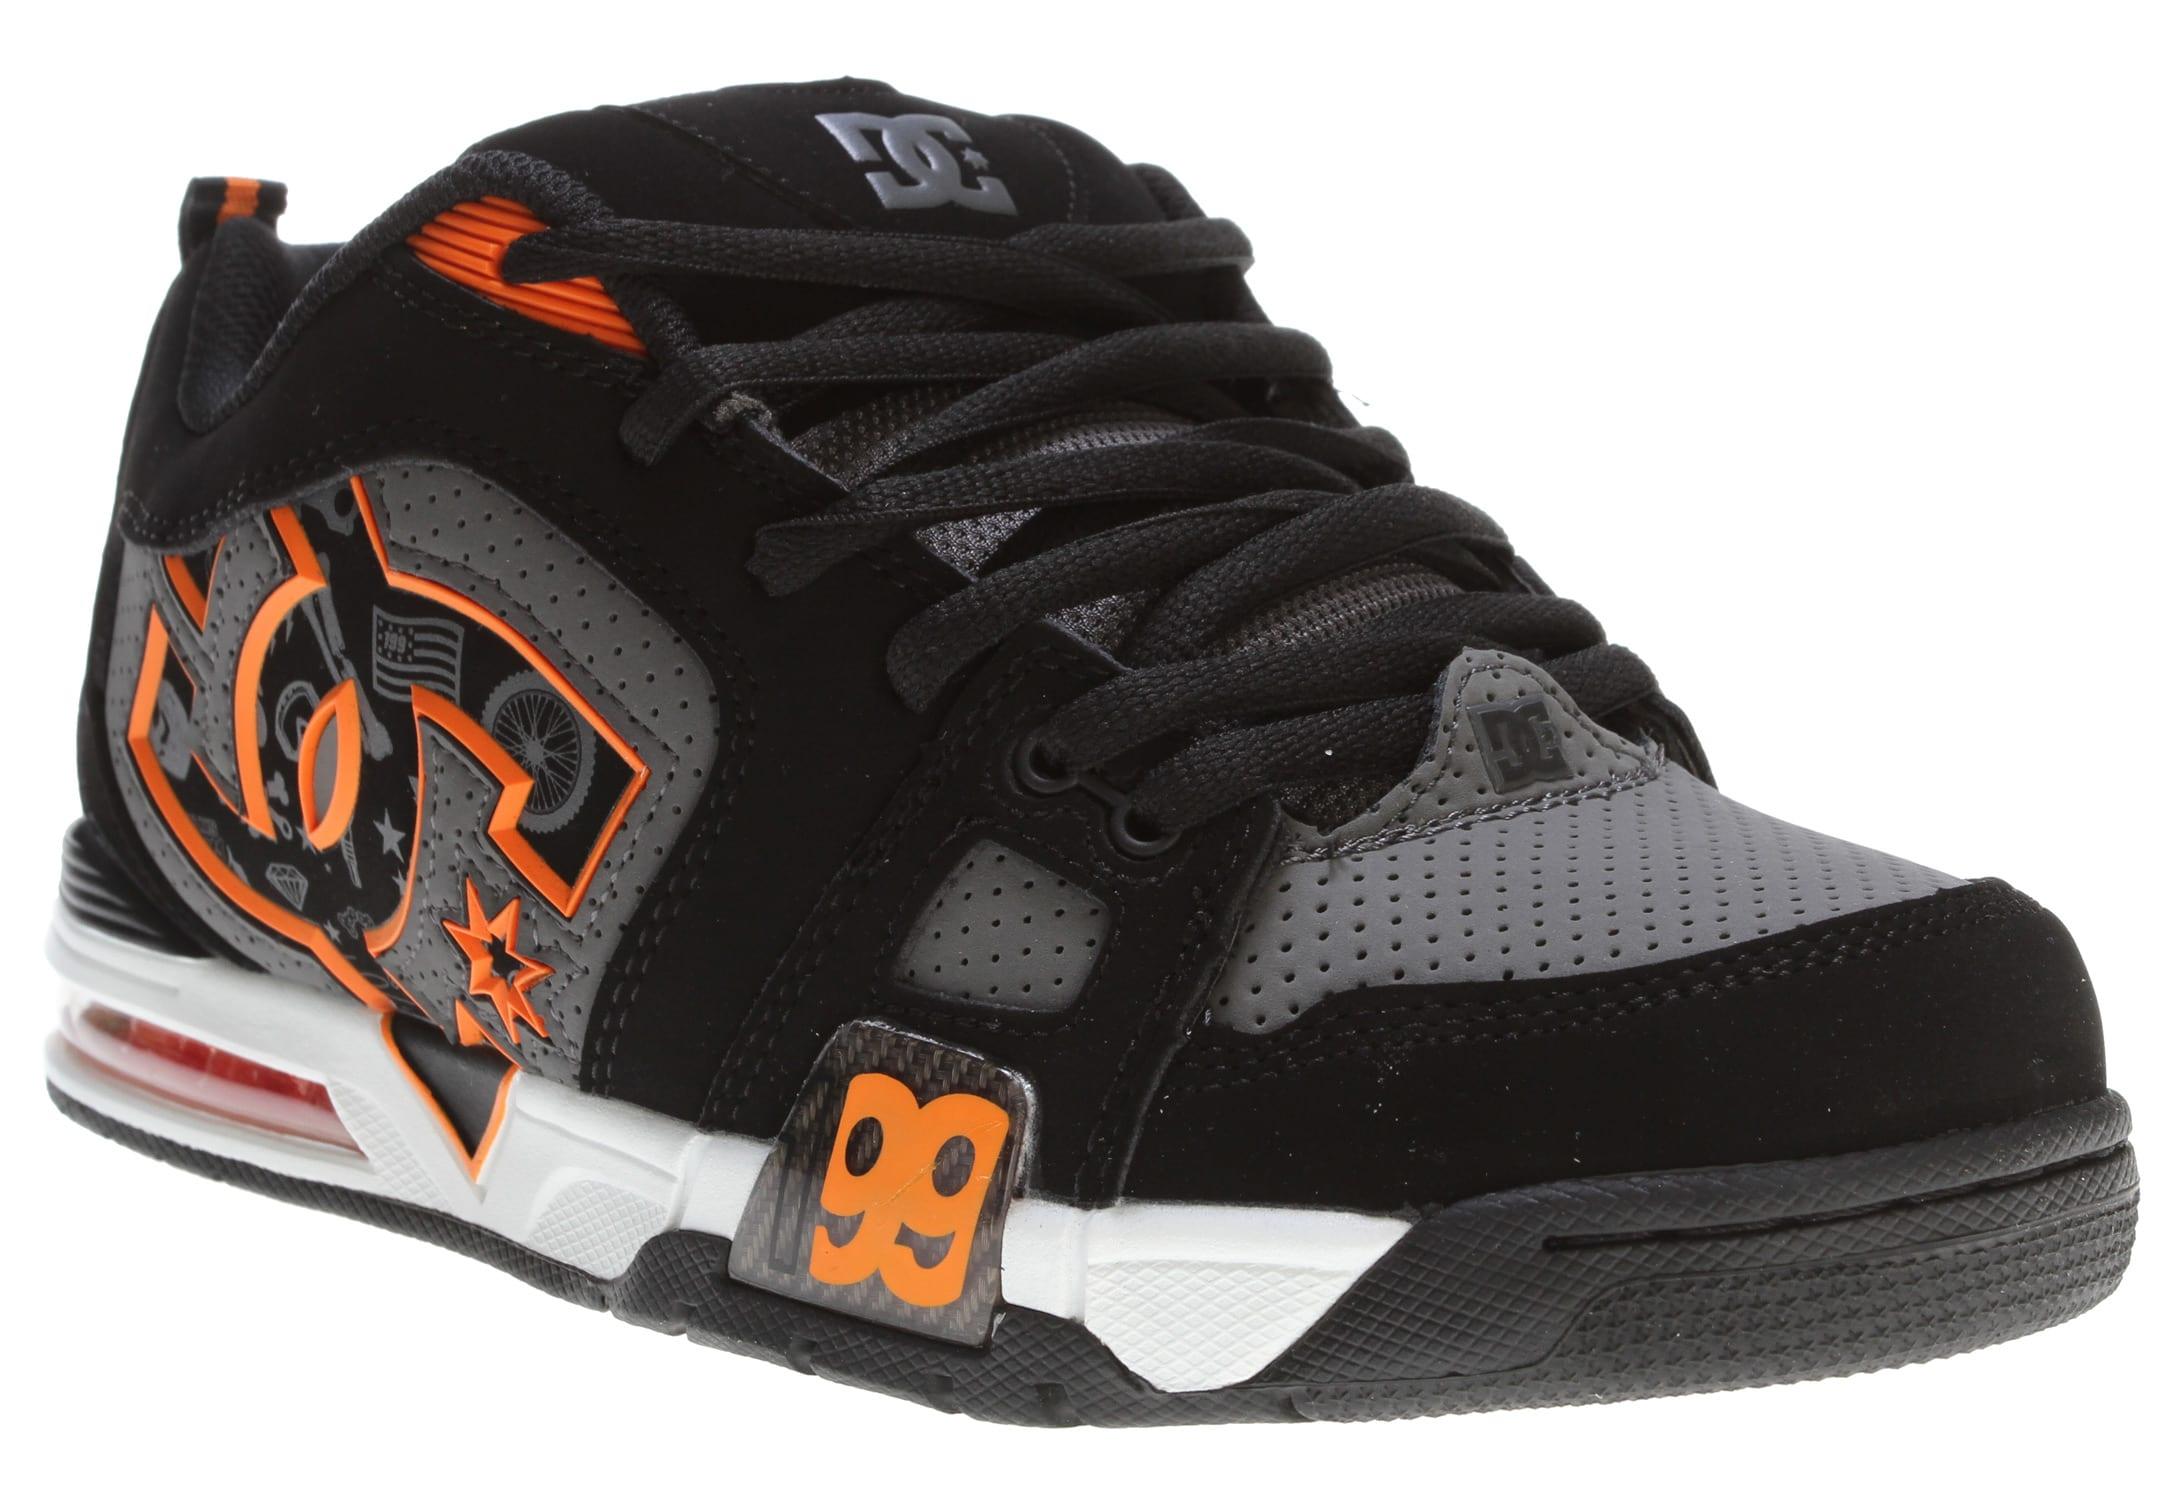 new style 0d618 d2e6b DC Frenzy TP Skate Shoes - thumbnail 2